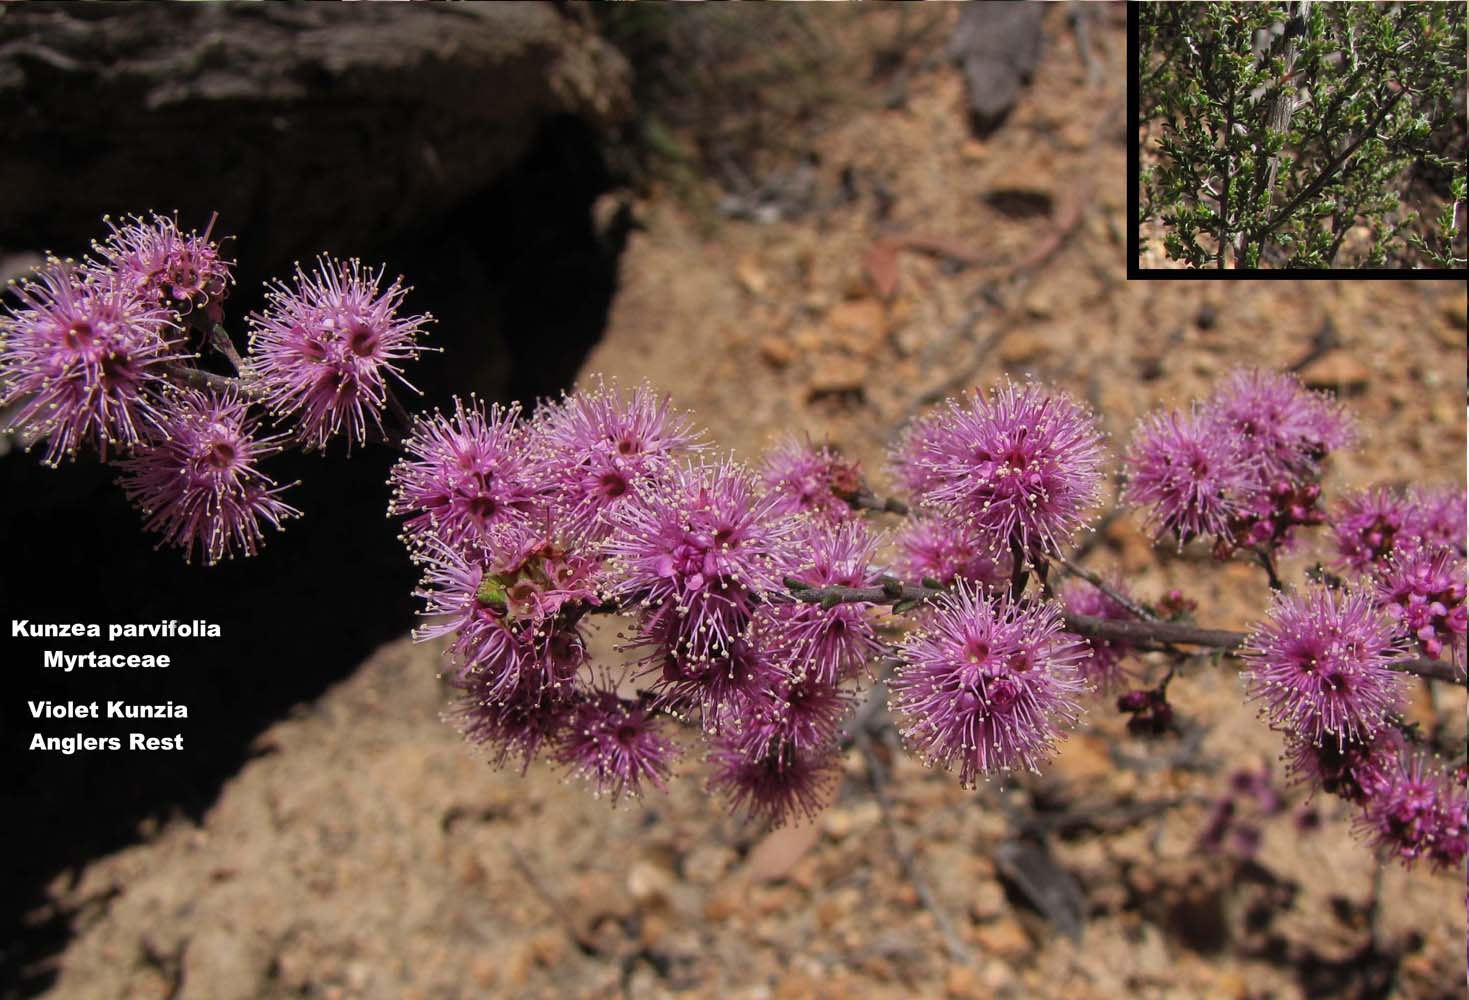 Kunzea parvifolia flora ALA source